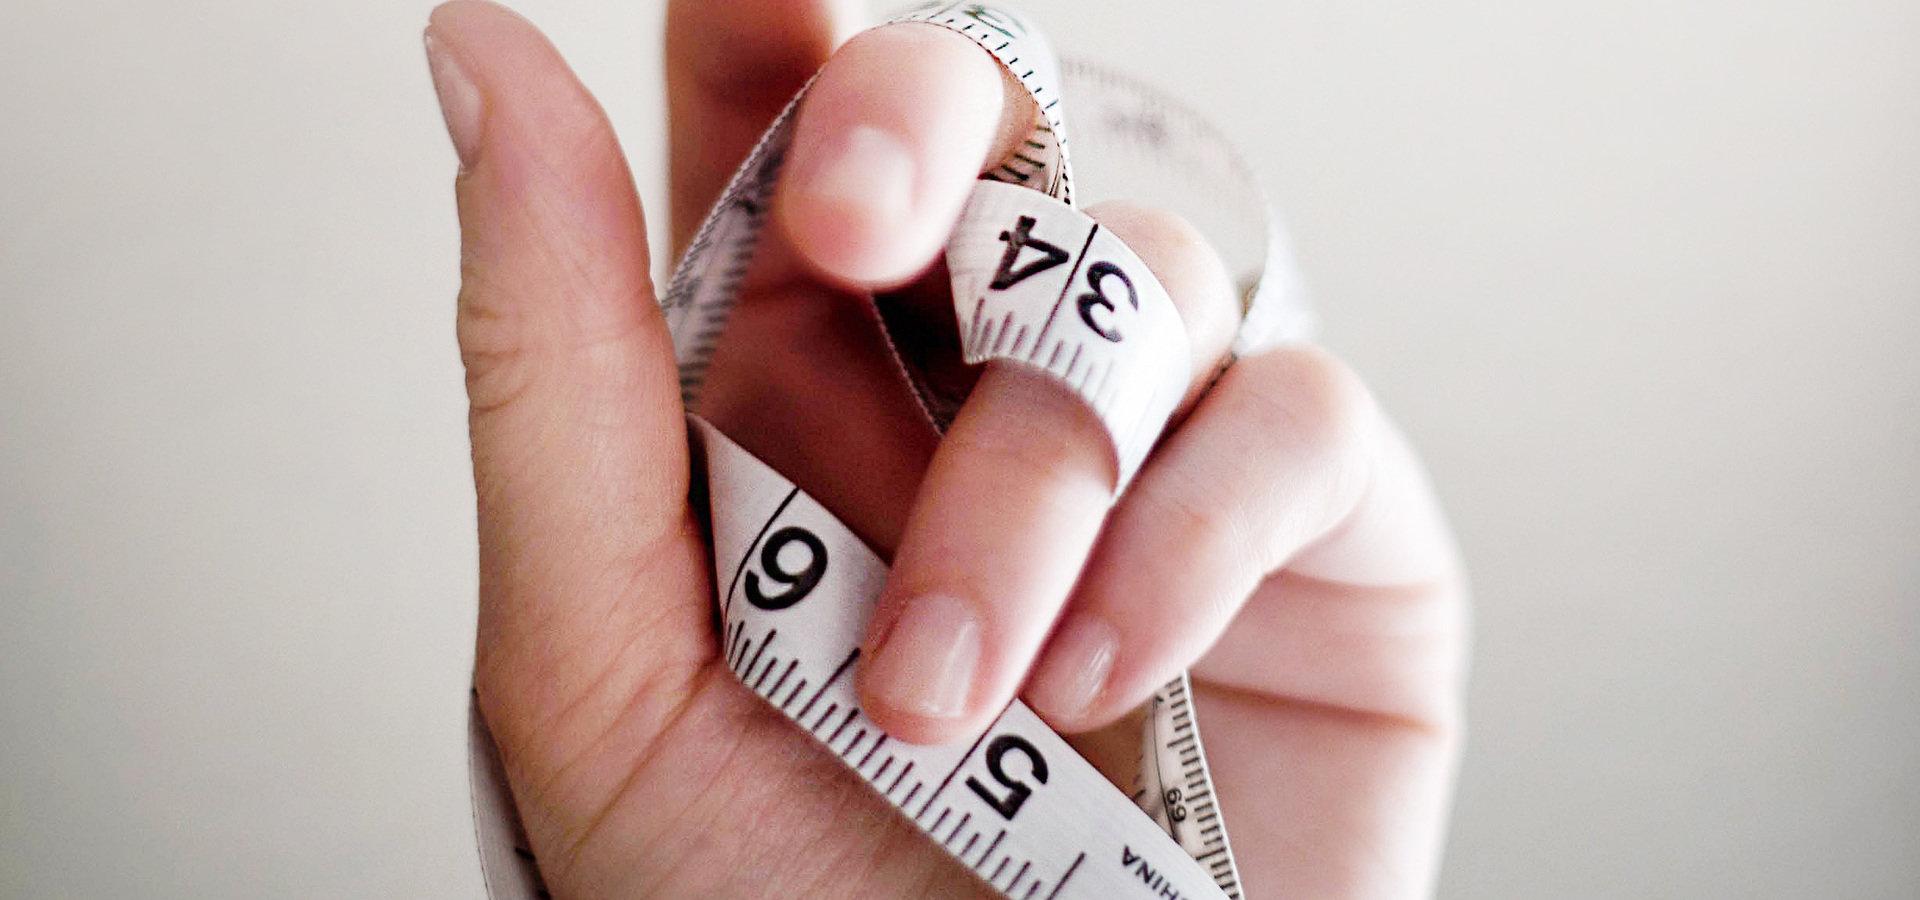 5 rad jak uniknąć błędów podczas zdejmowania miary.